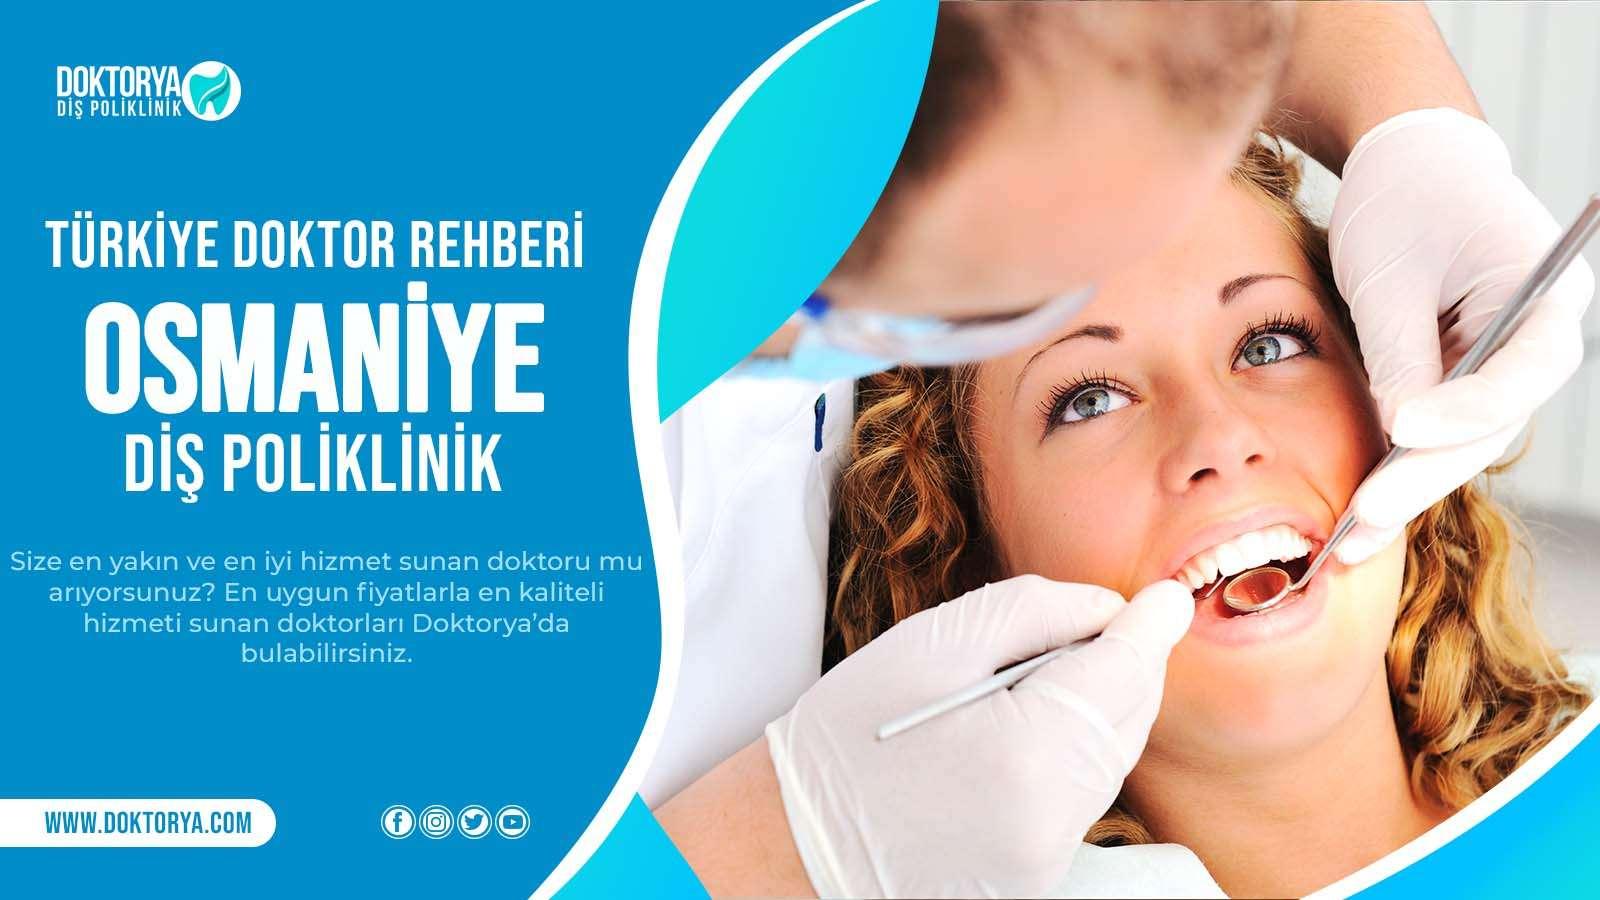 Osmaniye Diş Poliklinik